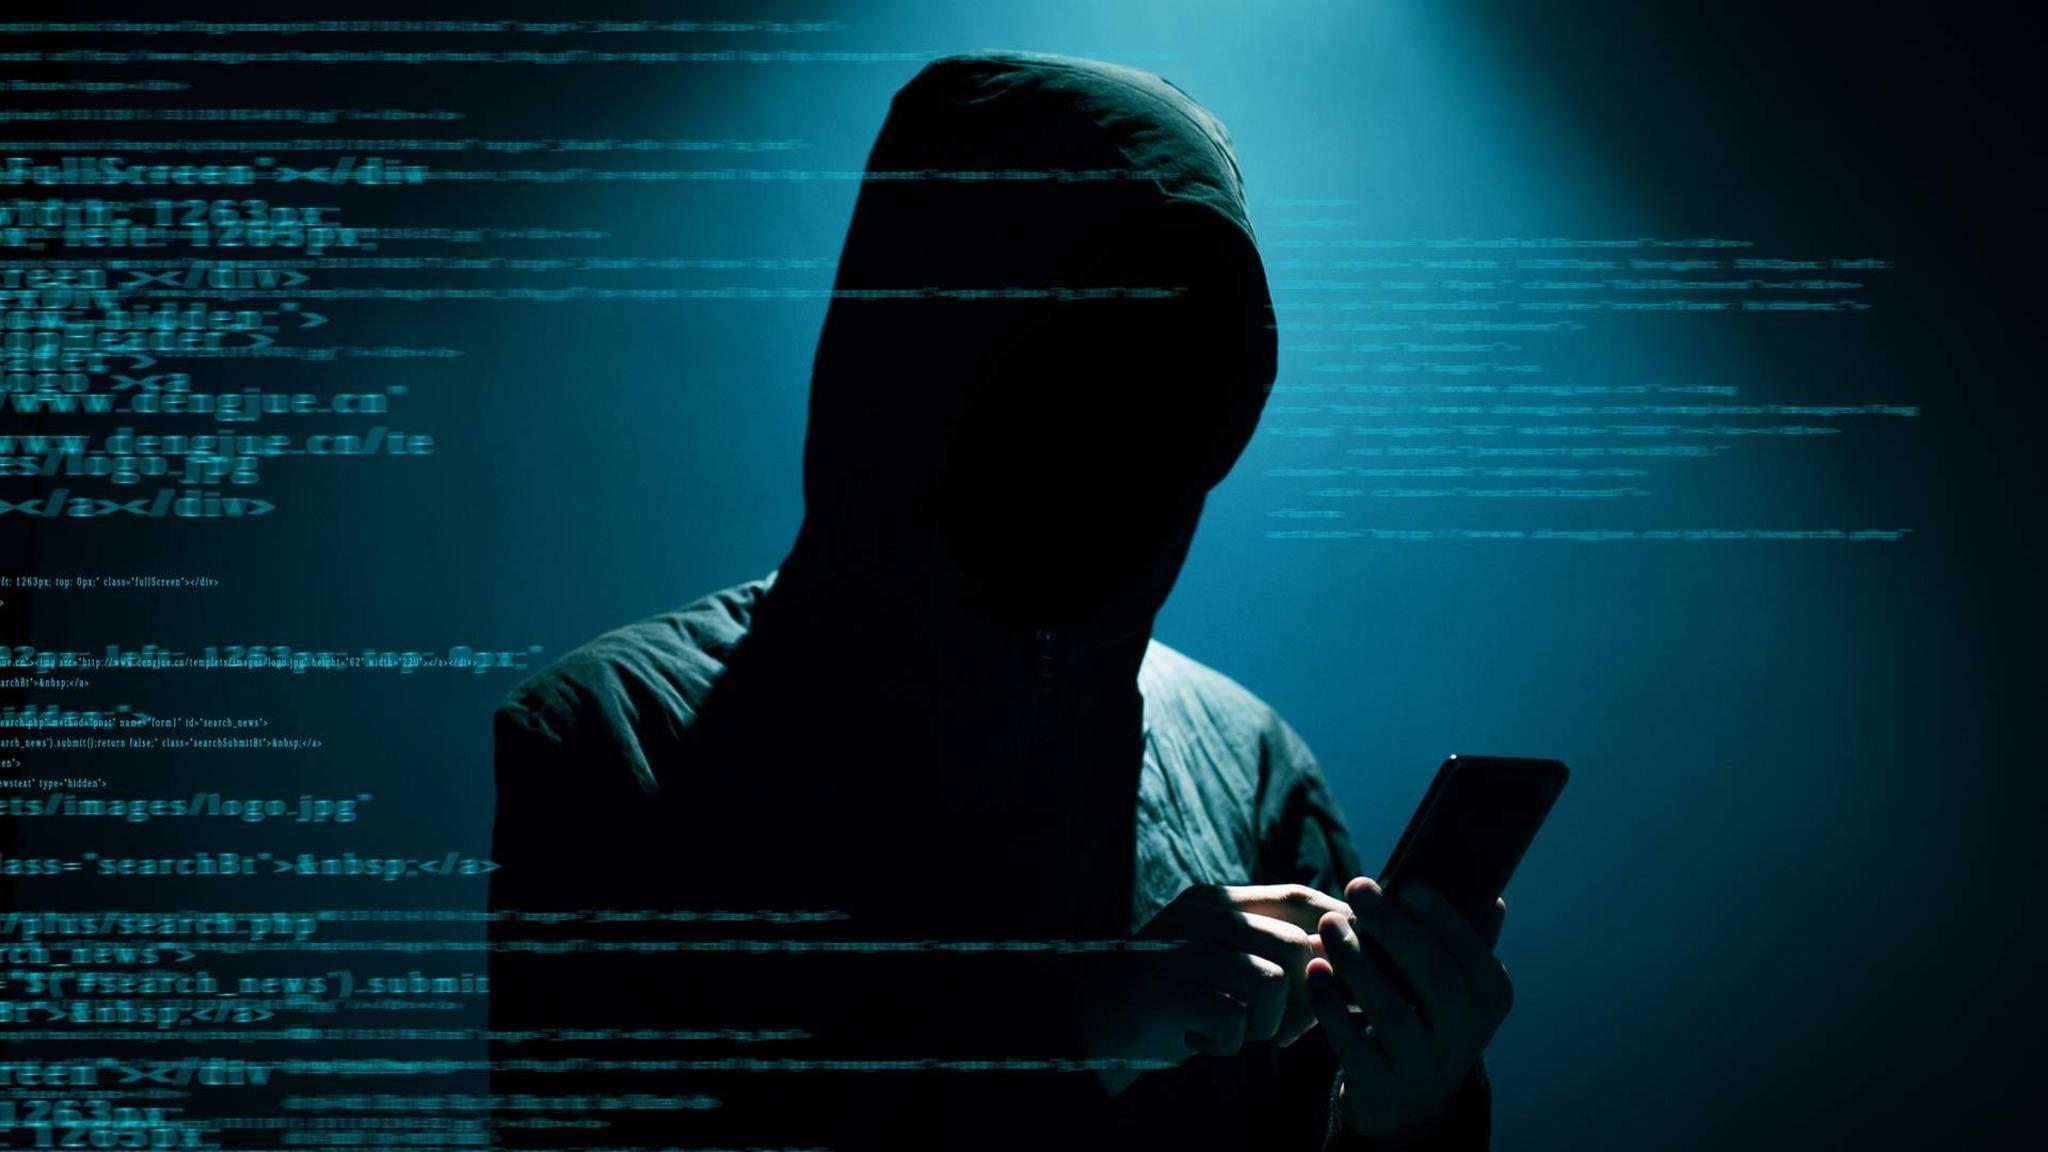 Mit verschiedenen Methoden lässt sich herausfinden, ob sich Jemand in Dein WLAN gehackt hat.